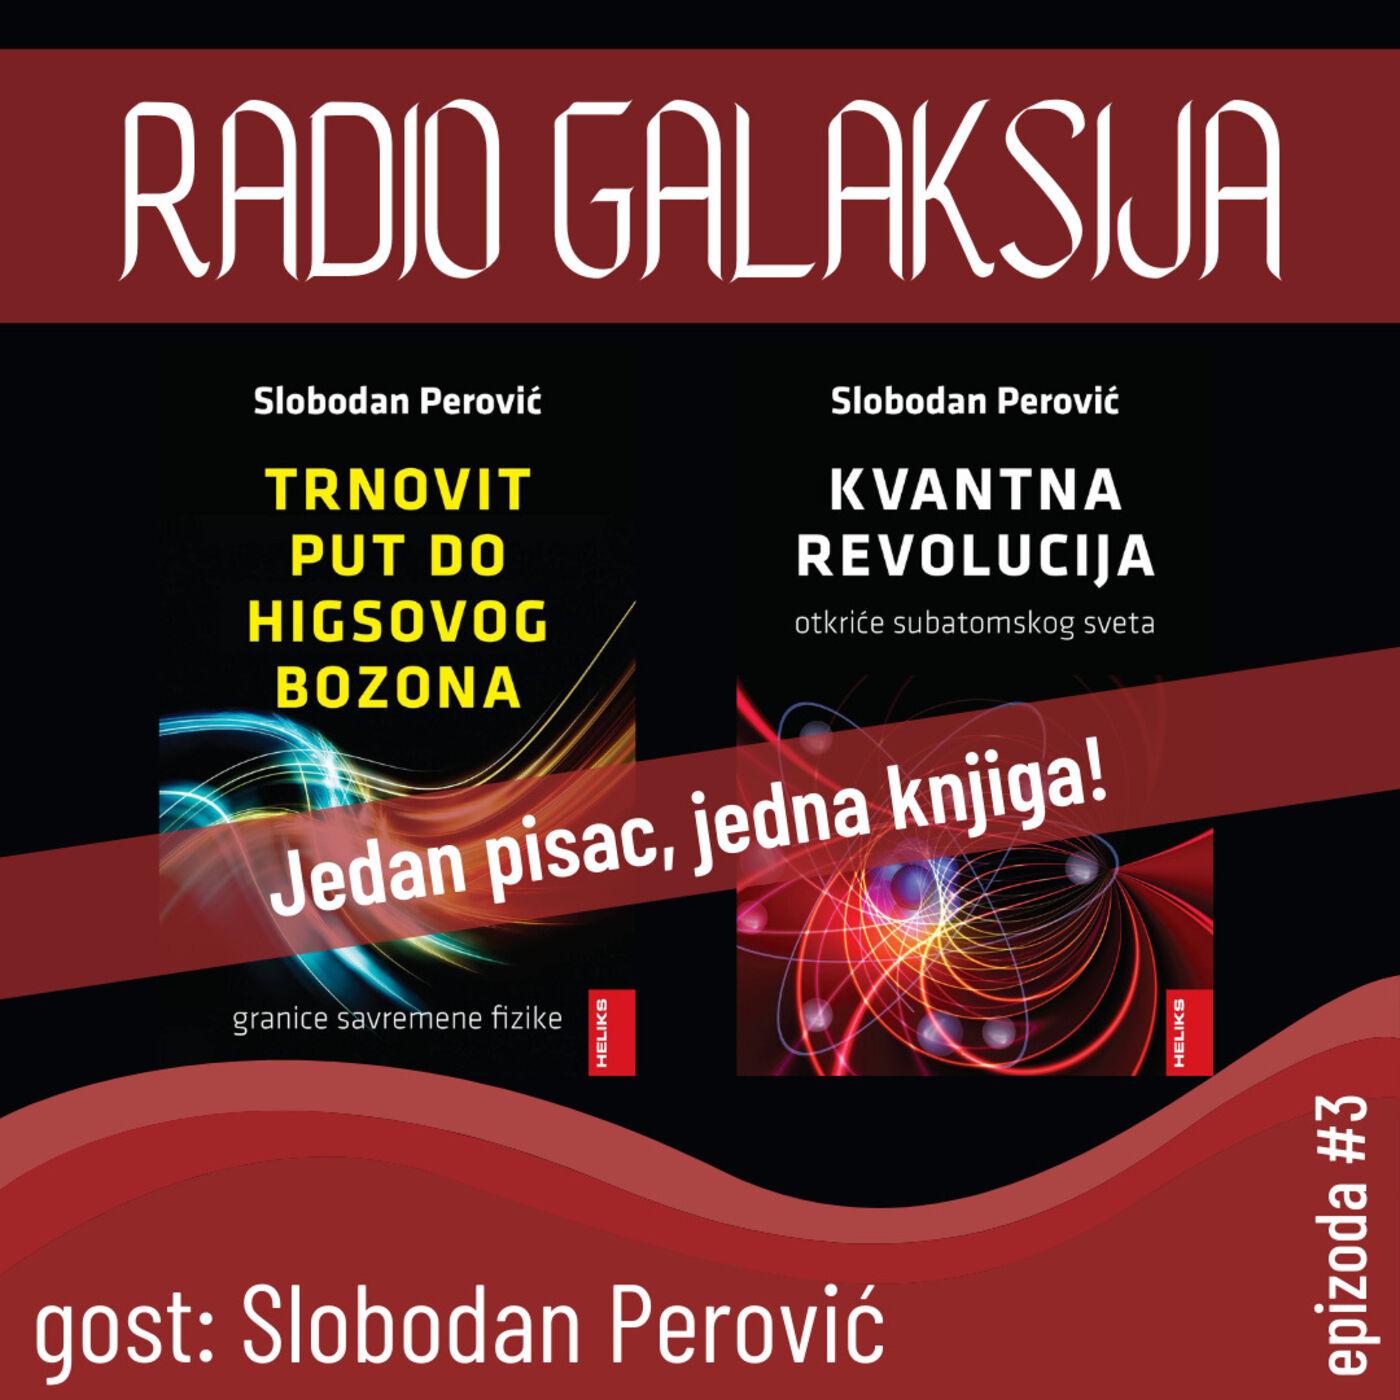 Jedan pisac, jedna knjiga! #3: Slobodan Perović [23-02-2021]